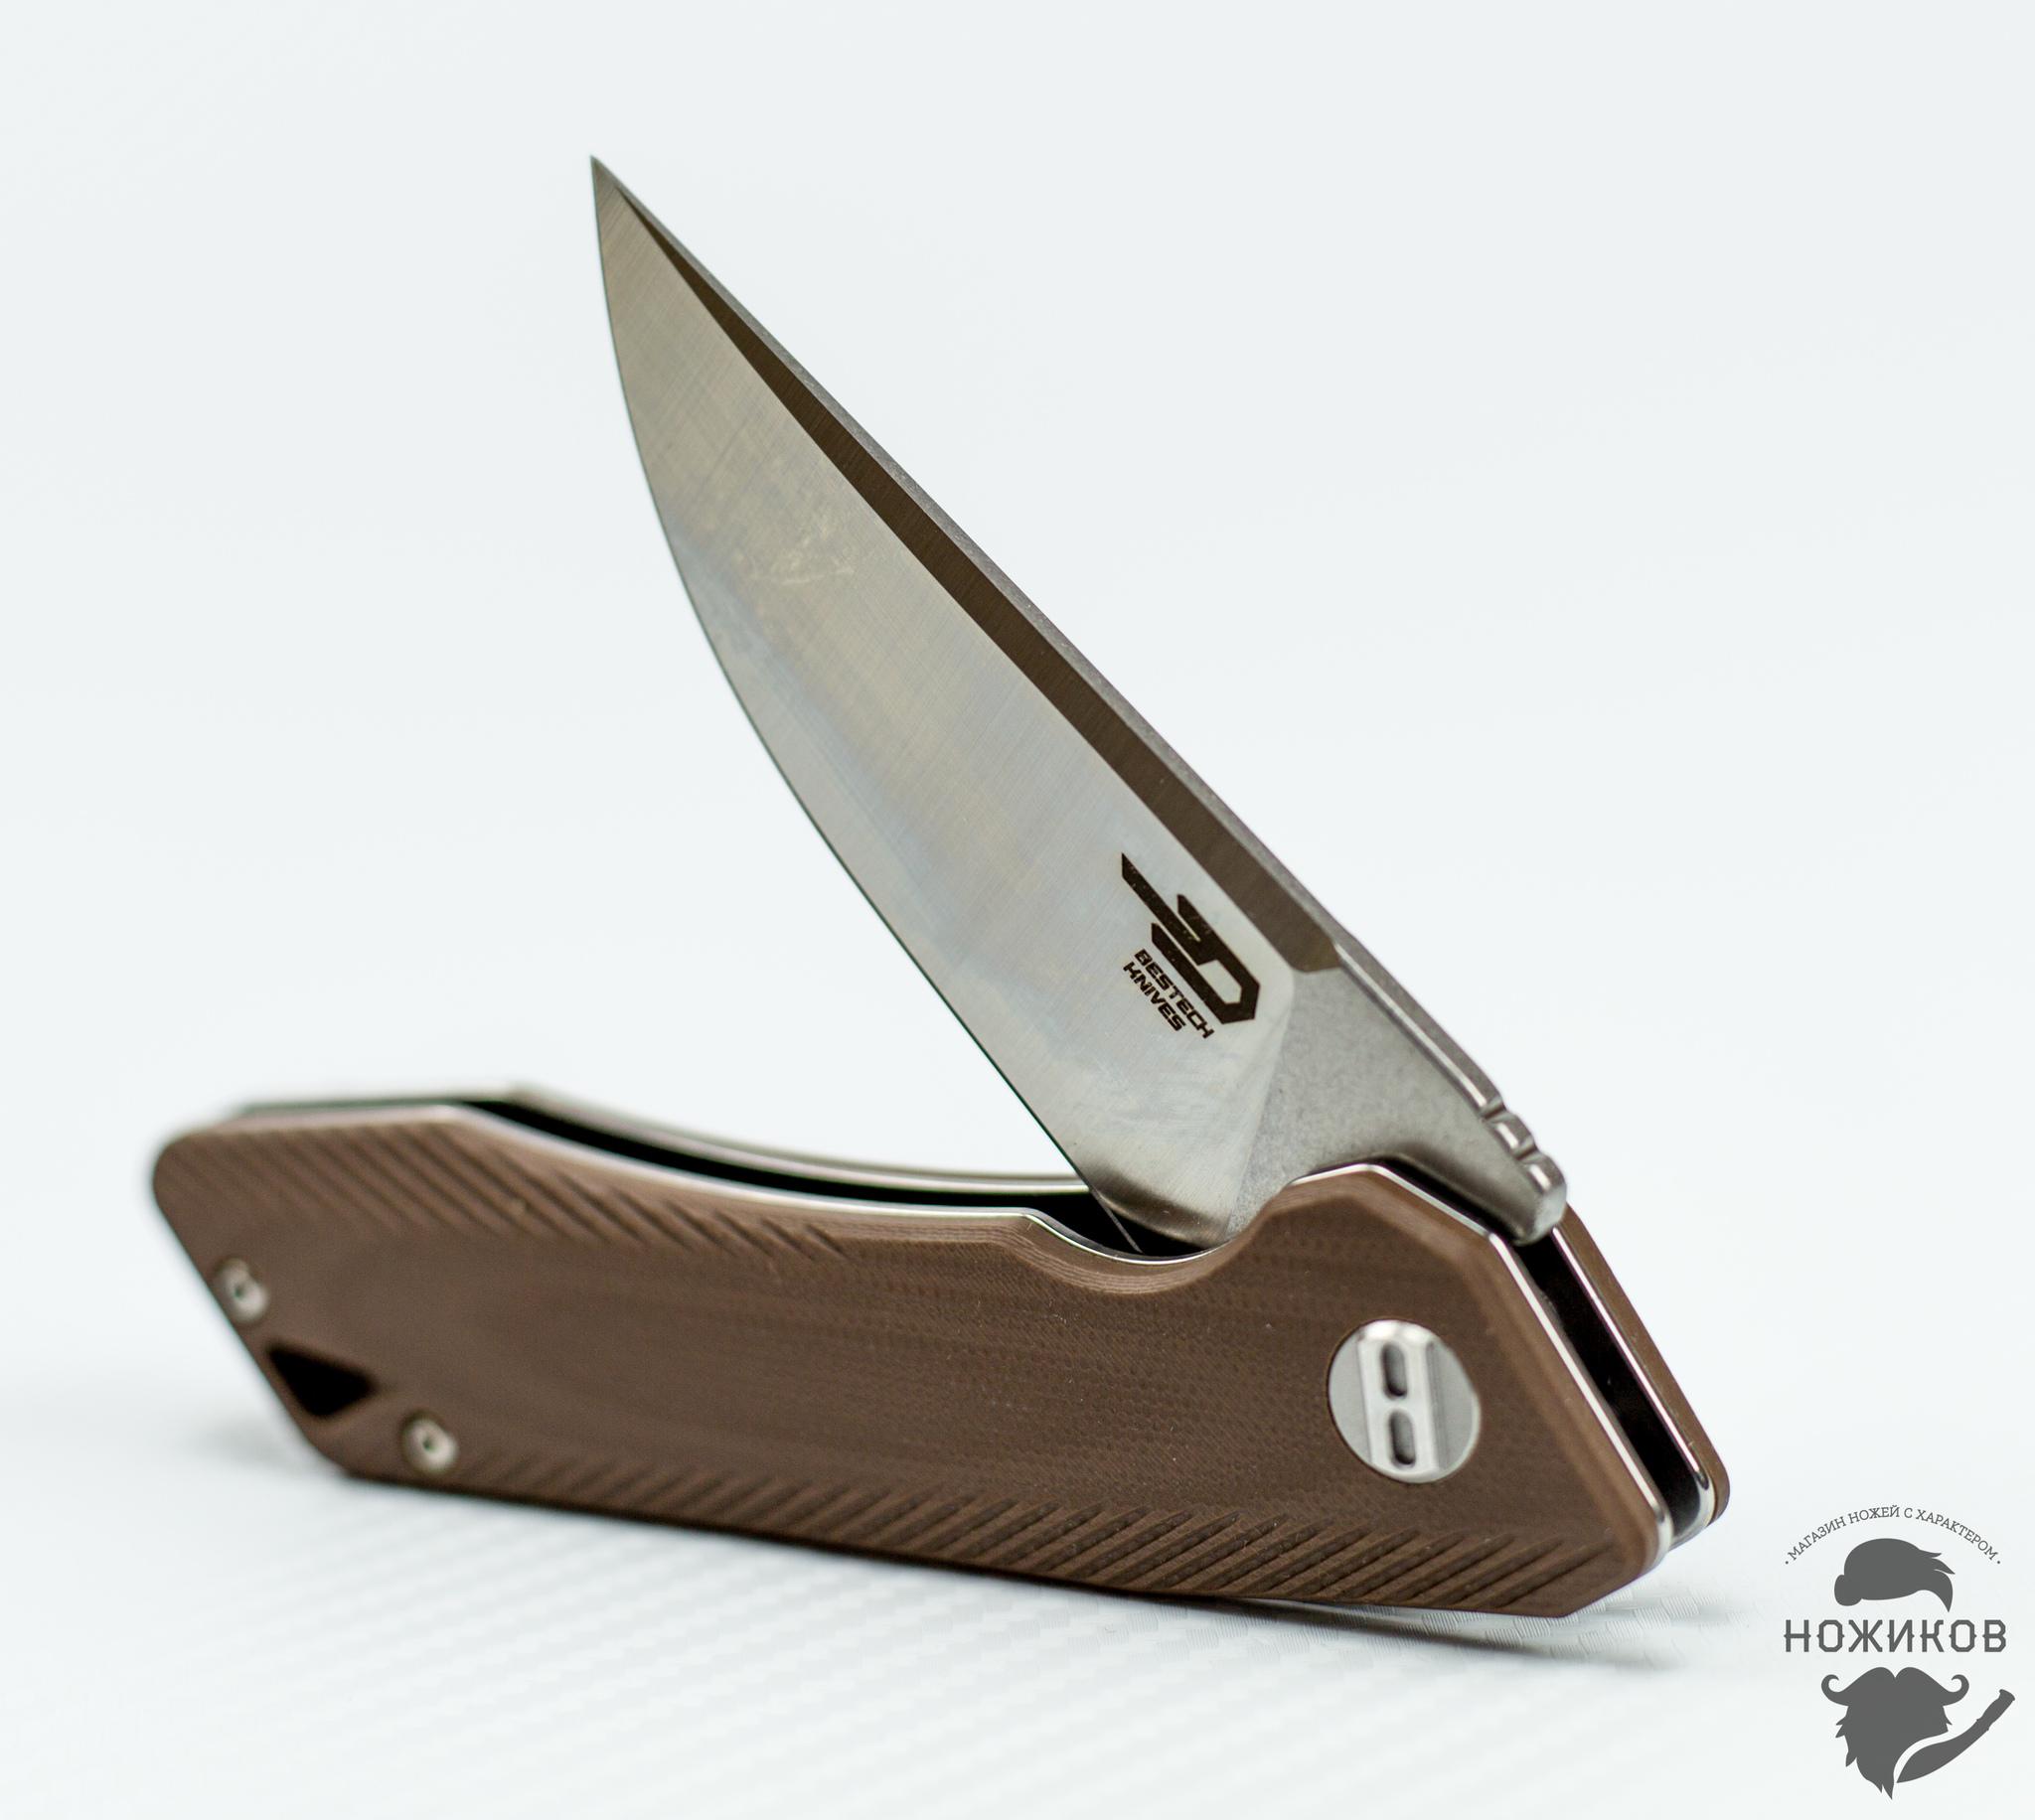 Складной нож Bestech Thorn BG10C-2, сталь Sandvik 12C27 от Bestech Knives